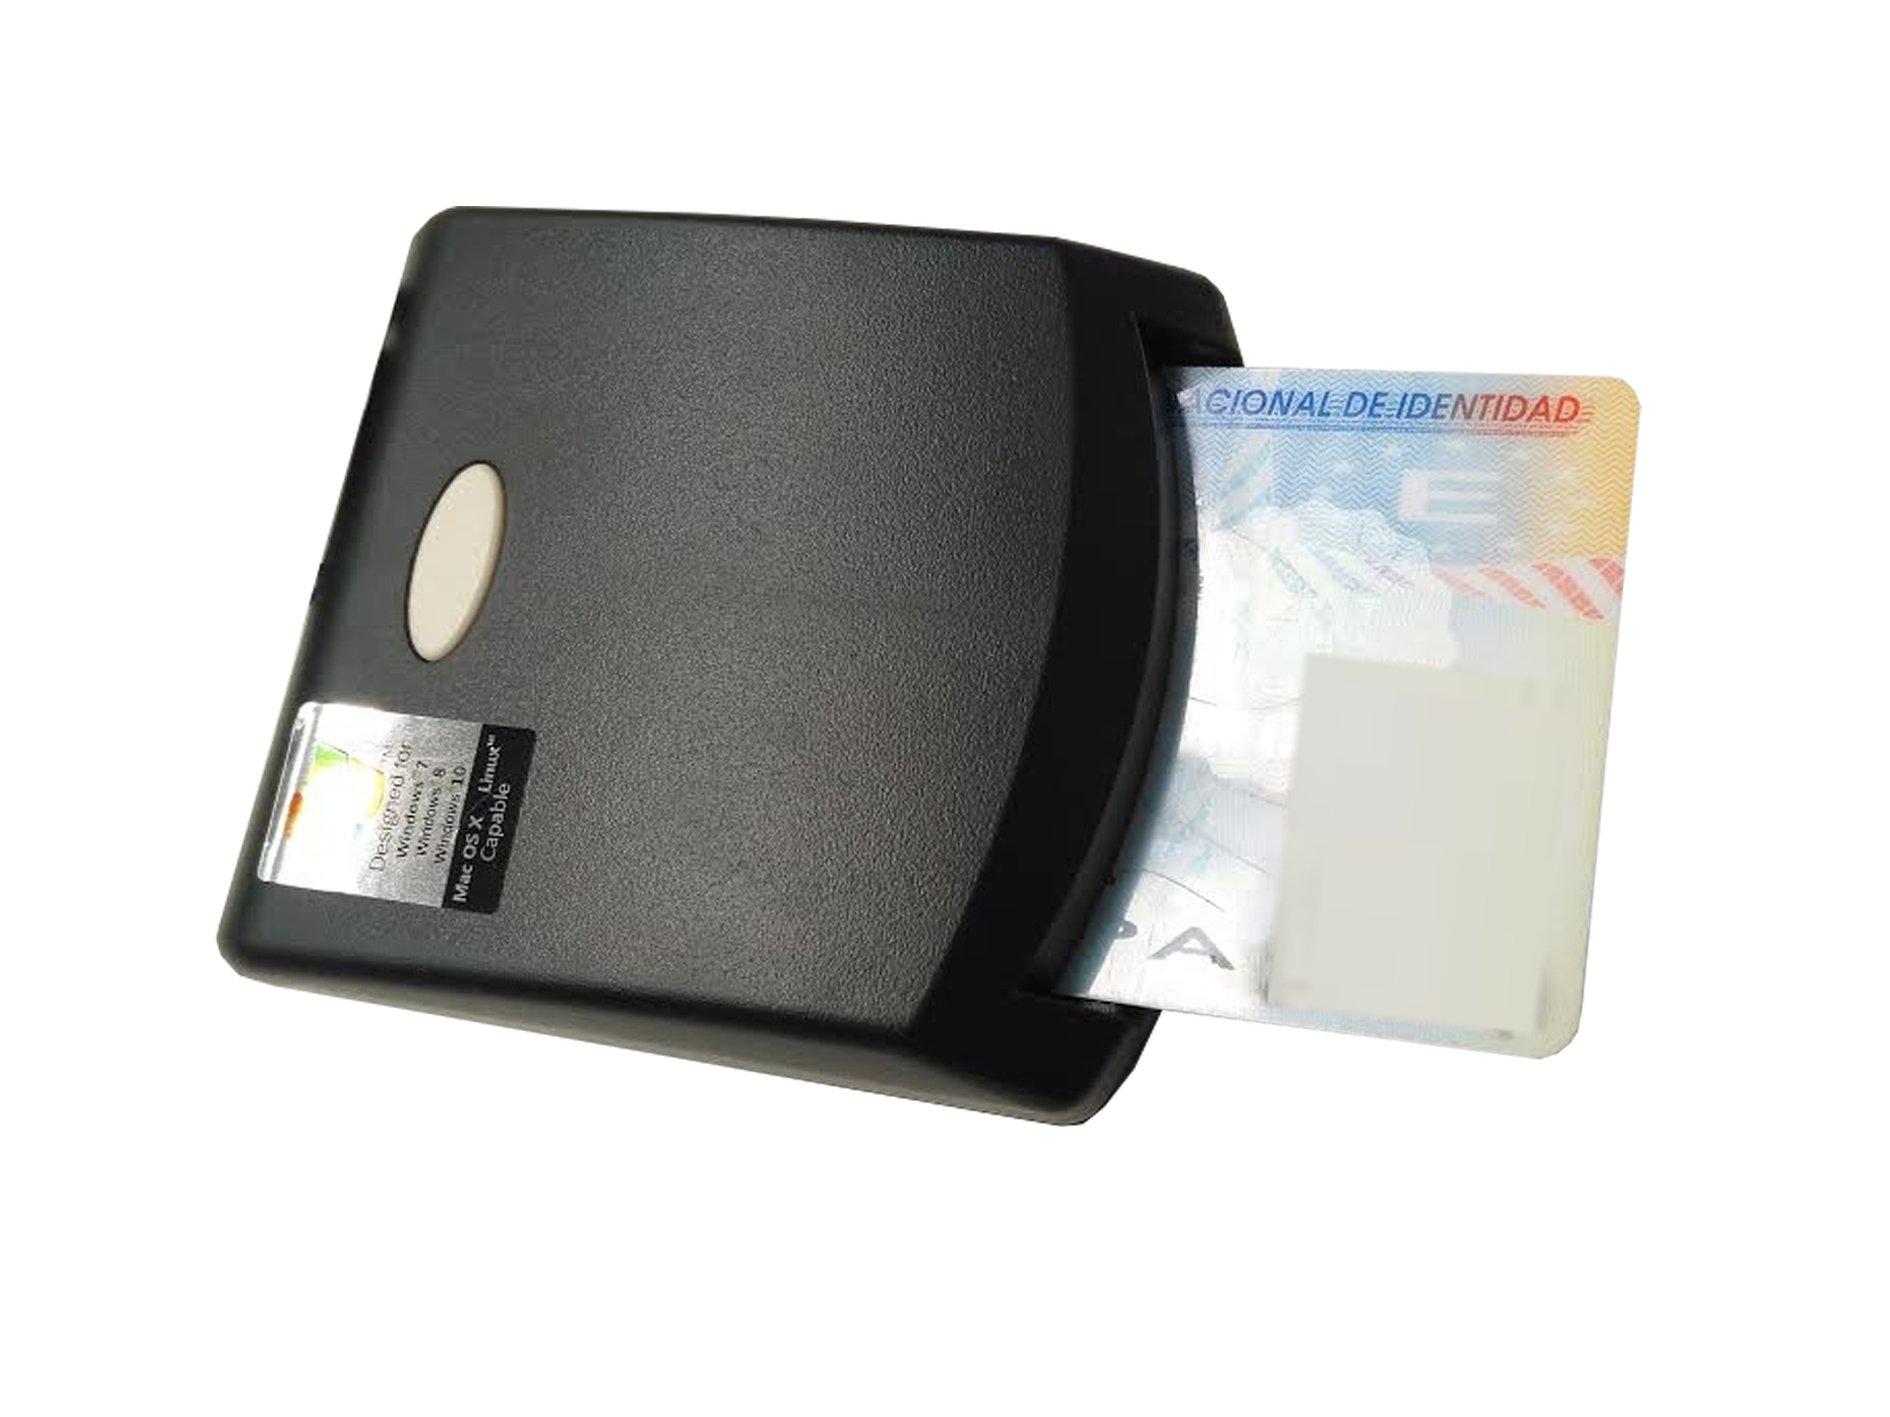 Lector de Dni Electronico Tarjetas Inteligentes USB 2.0 NEGRO: Amazon.es: Electrónica